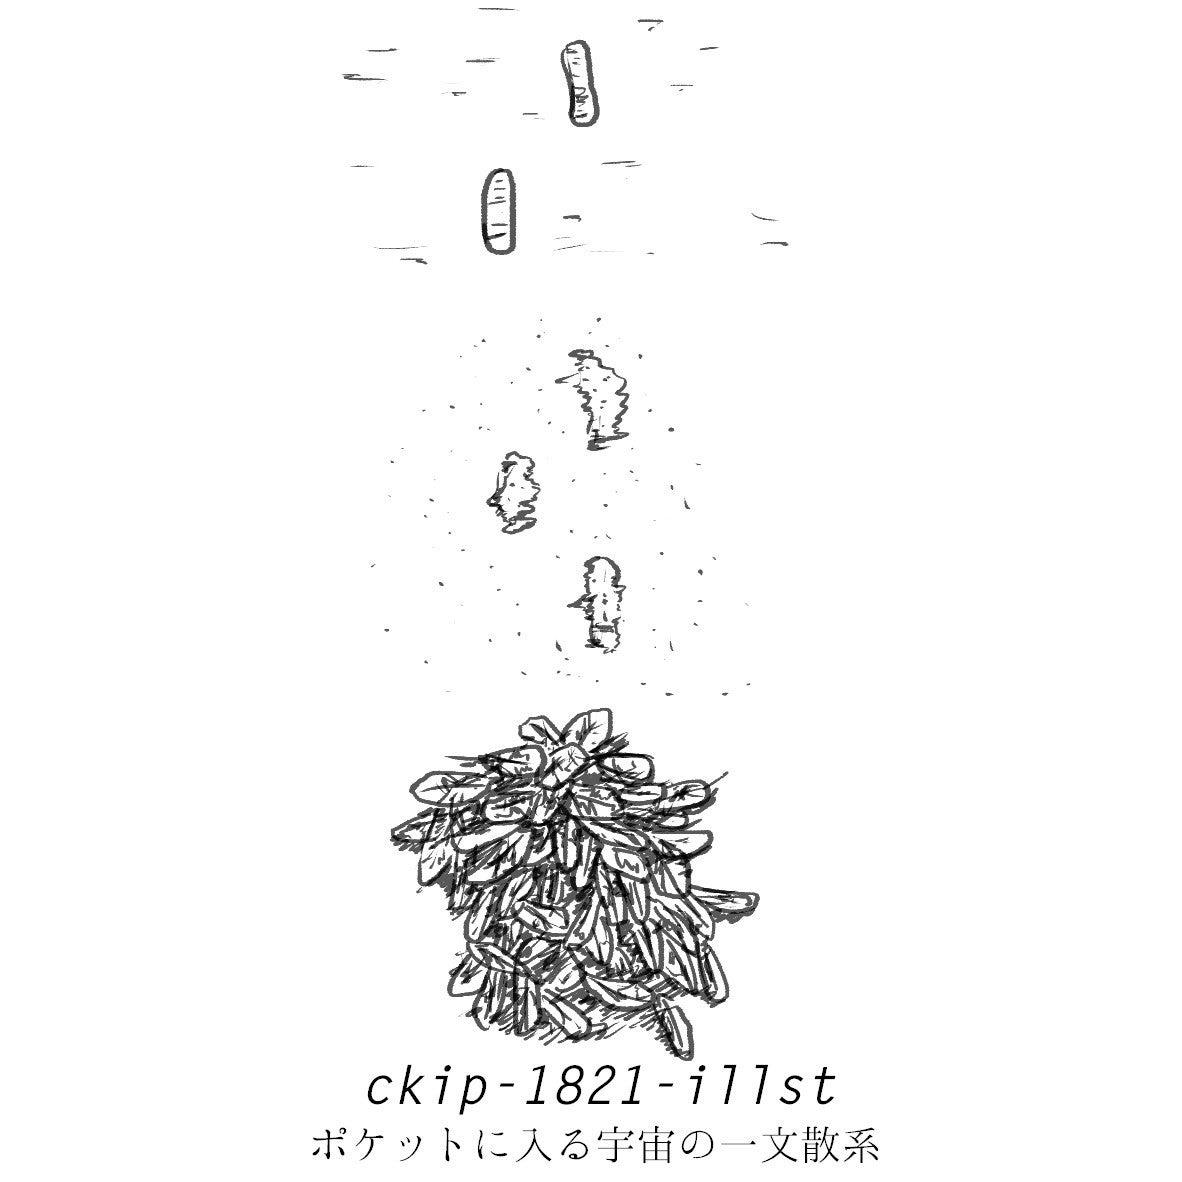 [ポケットに入る宇宙の一文散系 ckip-1821]  自分の足跡を残したかった彼は、アスファルトの上を歩くのをや...